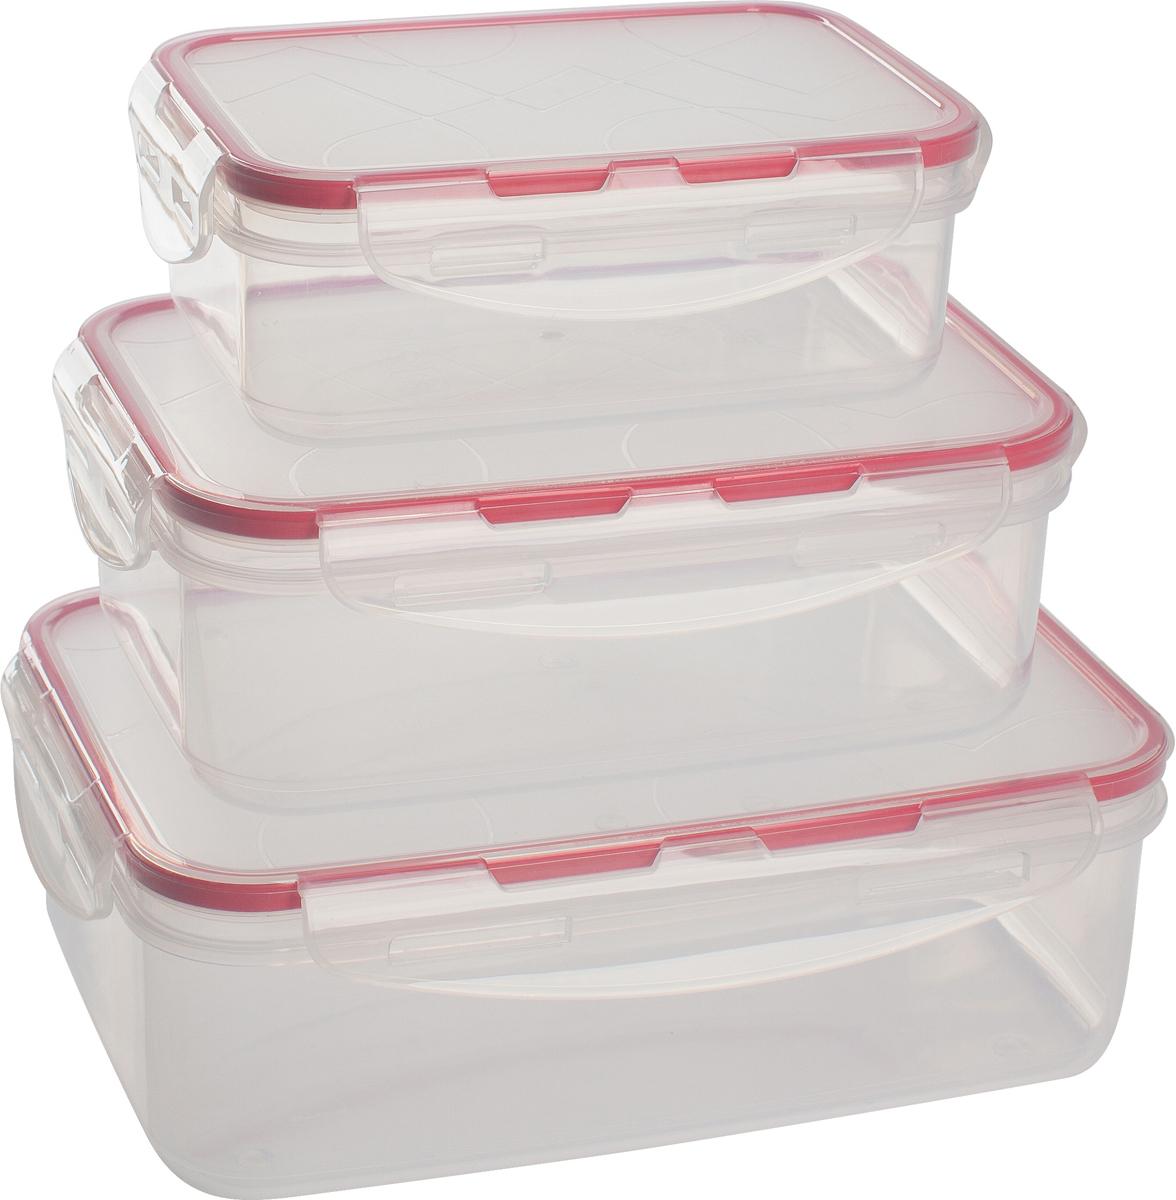 Набор контейнеров для продуктов Giaretti Clipso, прямоугольные, цвет: черри, 0,5 л + 1 л + 1,5 лGR1846ЧЕРИГерметичные контейнеры от Giaretti имеют целый ряд преимуществ: благодаря надежным замкам ваша еда надежно и герметично упакована, ее легко взять с собой без опасения пролить содержимое; контейнер подходит для хранения продуктов в морозильной камере, а также для разогрева в микроволновой печи; благодаря воздухонепроницаемой крышке продукты хранятся дольше; разные литражи и формы контейнеров.Контейнеры вкладываются друг в друга по принципу матрешки экономя пространство при хранении.